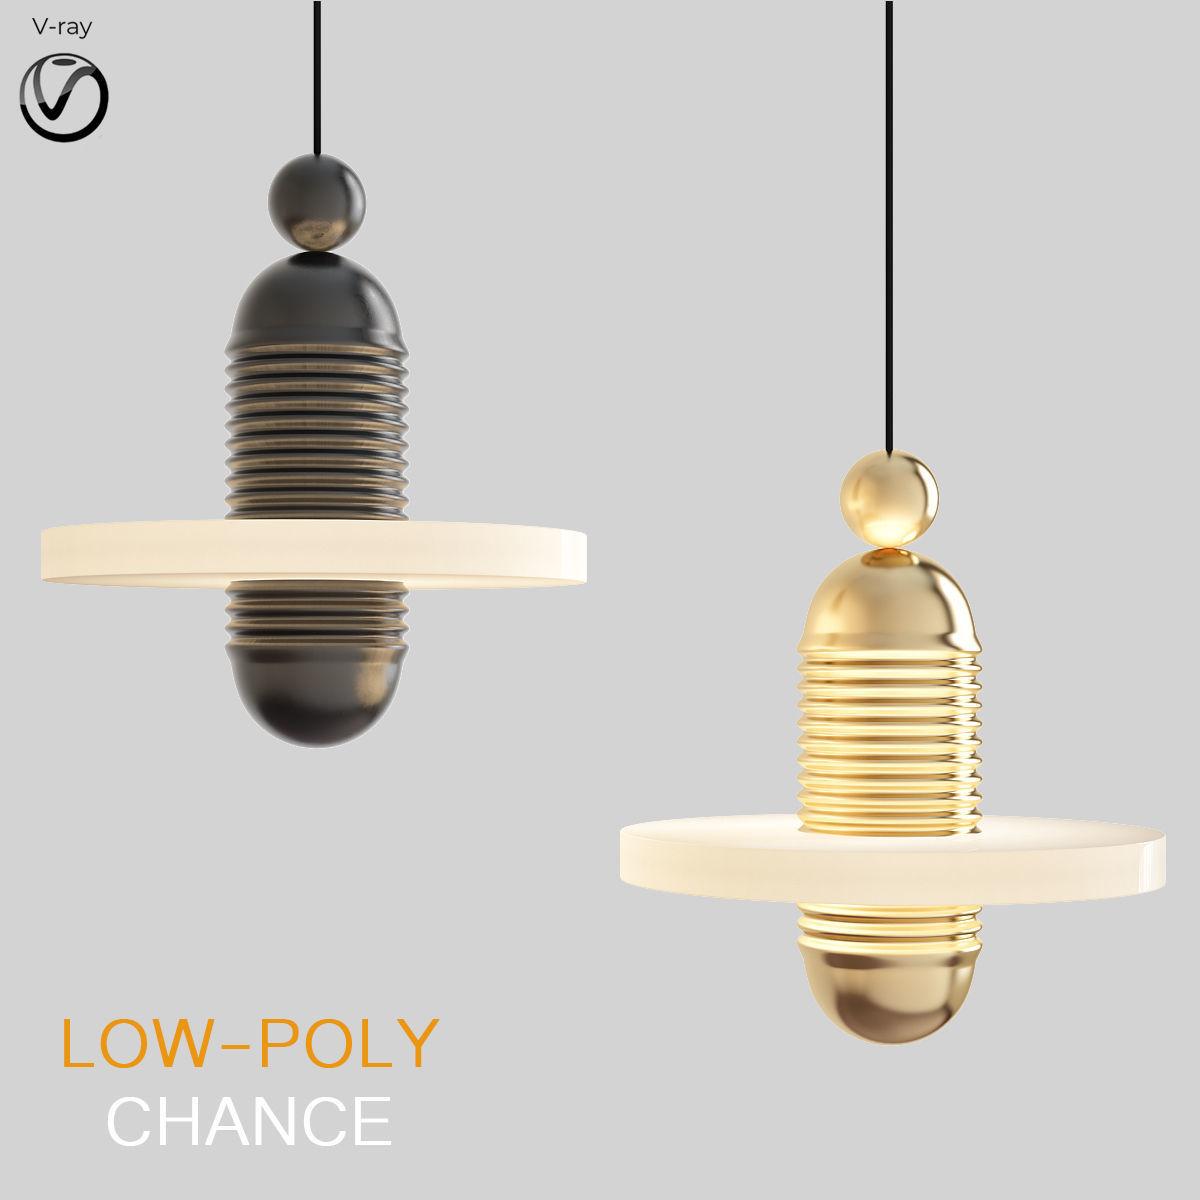 Chance chandelier 3d model